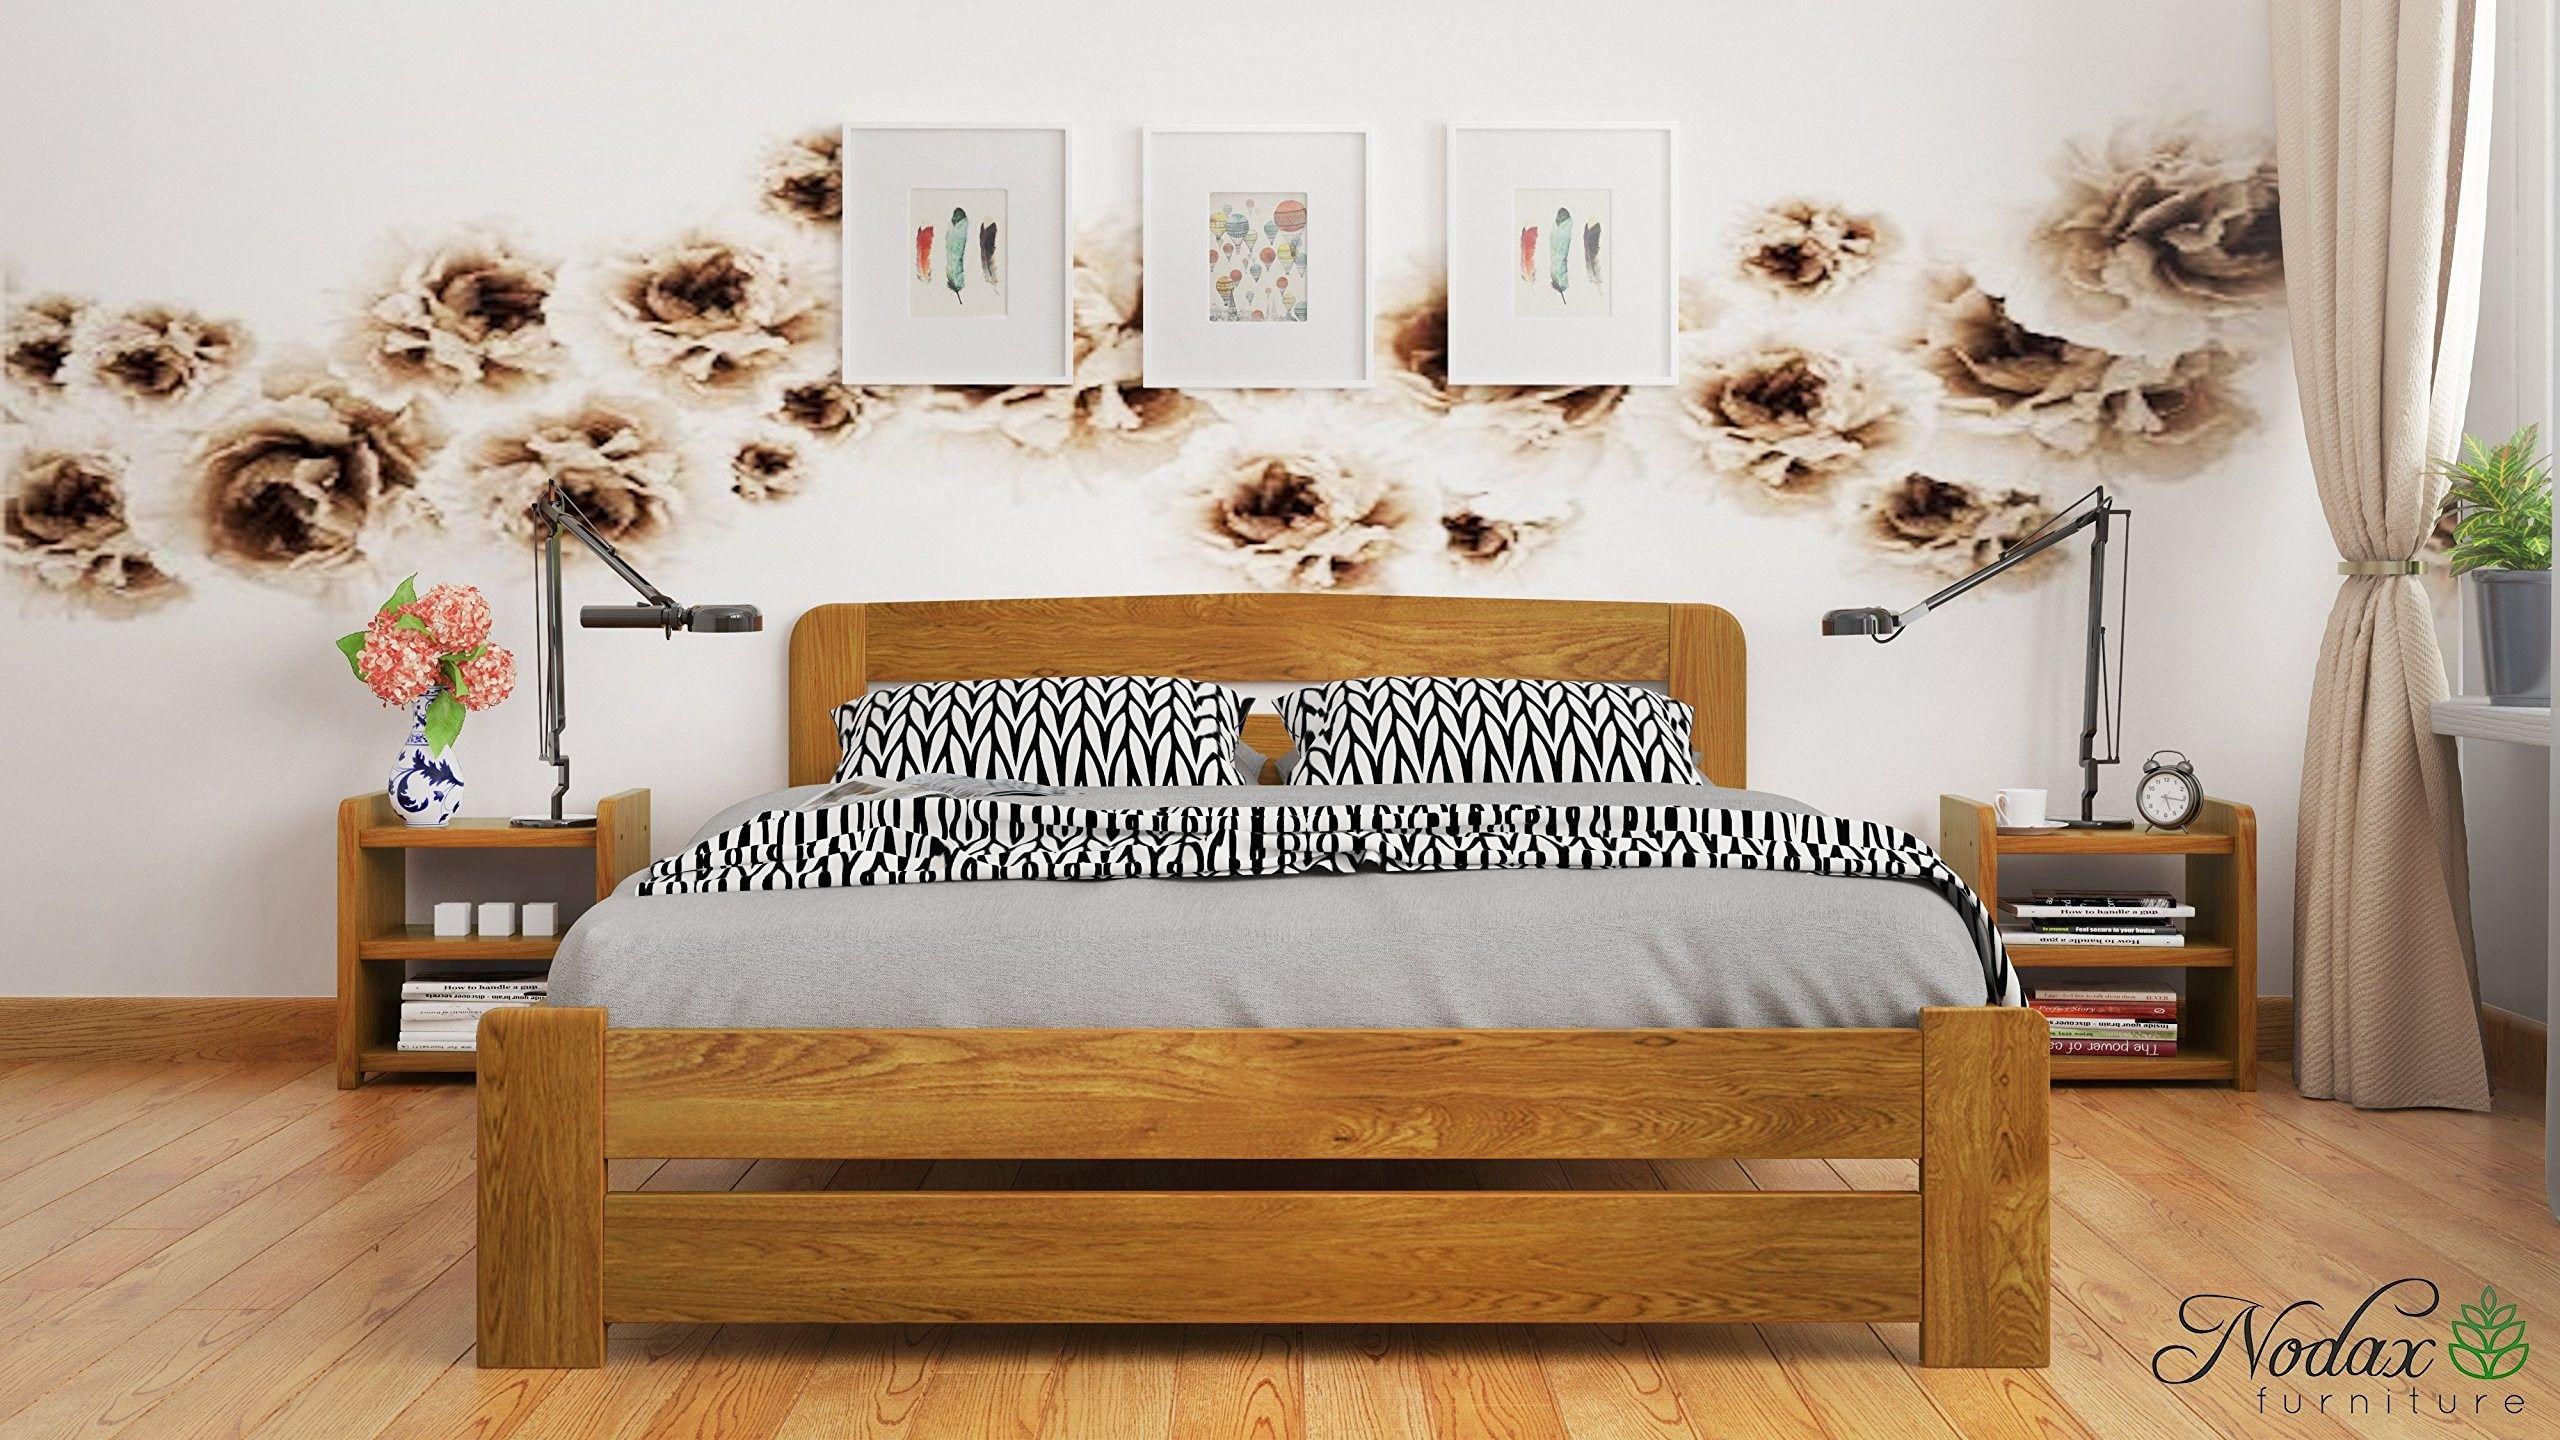 Bedroom Wooden Furniture Sets Pine bed frame, Furniture